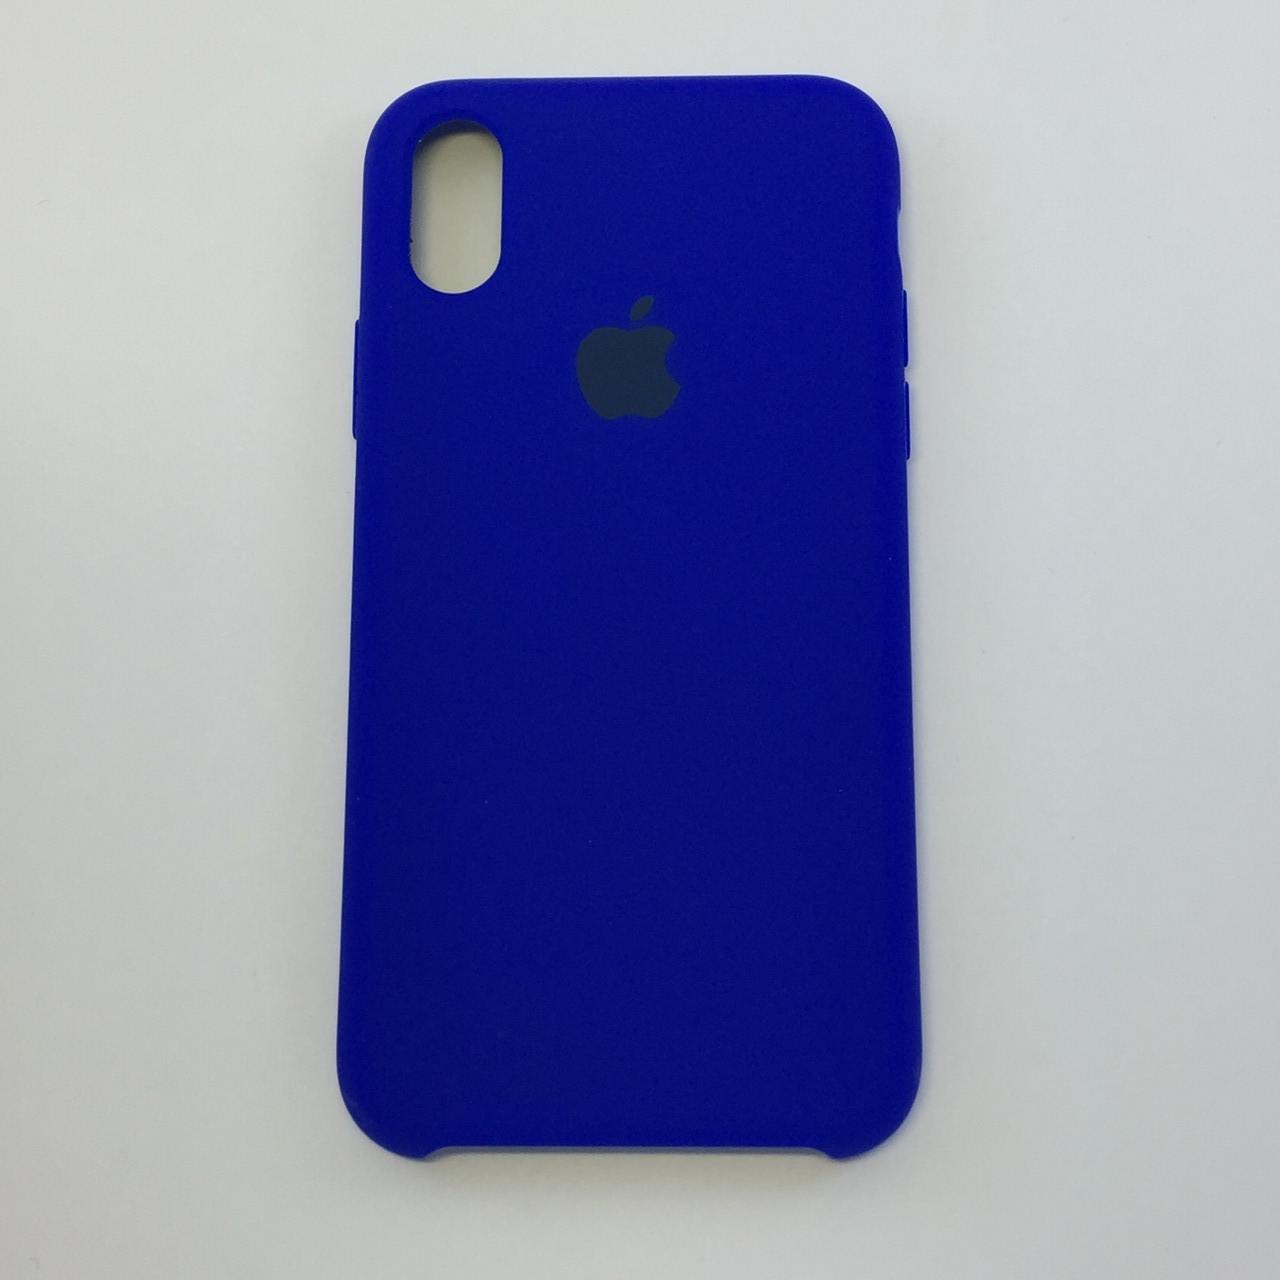 """Чехол - Silicon Case для iPhone """"Электрик - №40"""" - copy orig."""